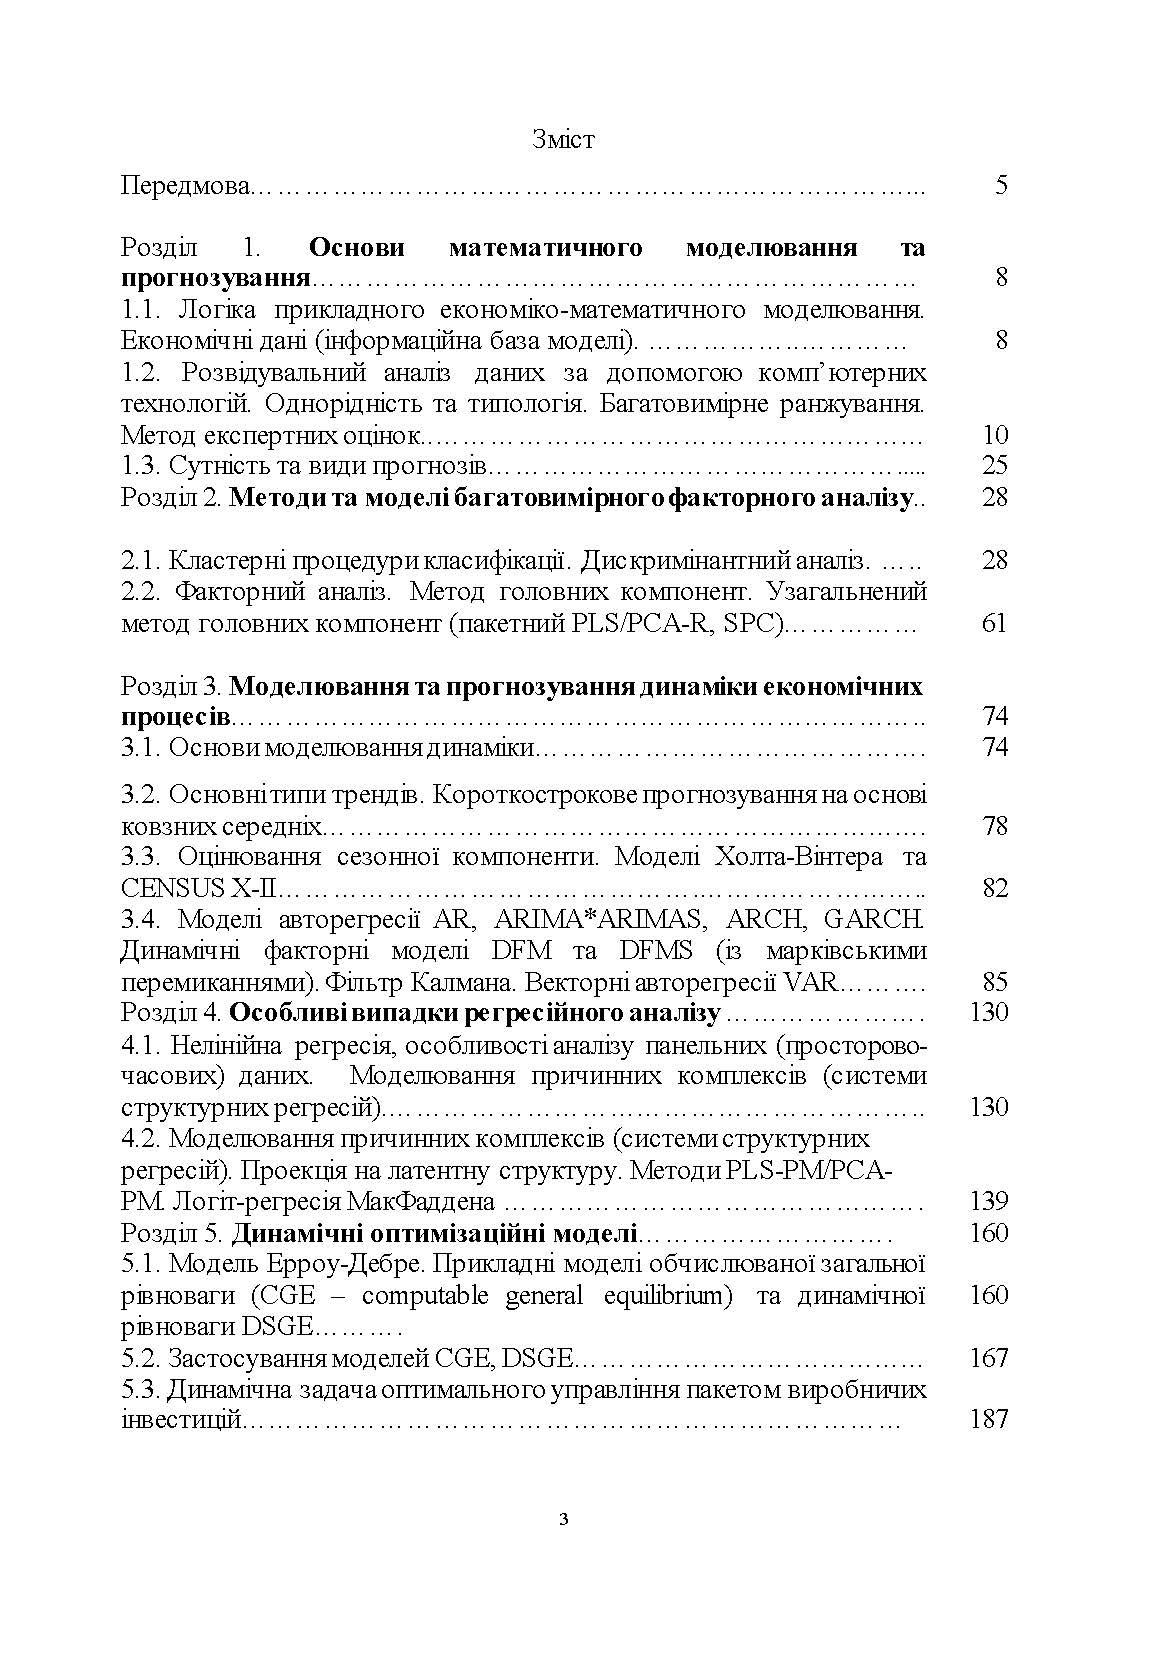 Математичні методи та моделі для магістрів з економіки. Практичні застосування. Автор — Козак Ю.Г..